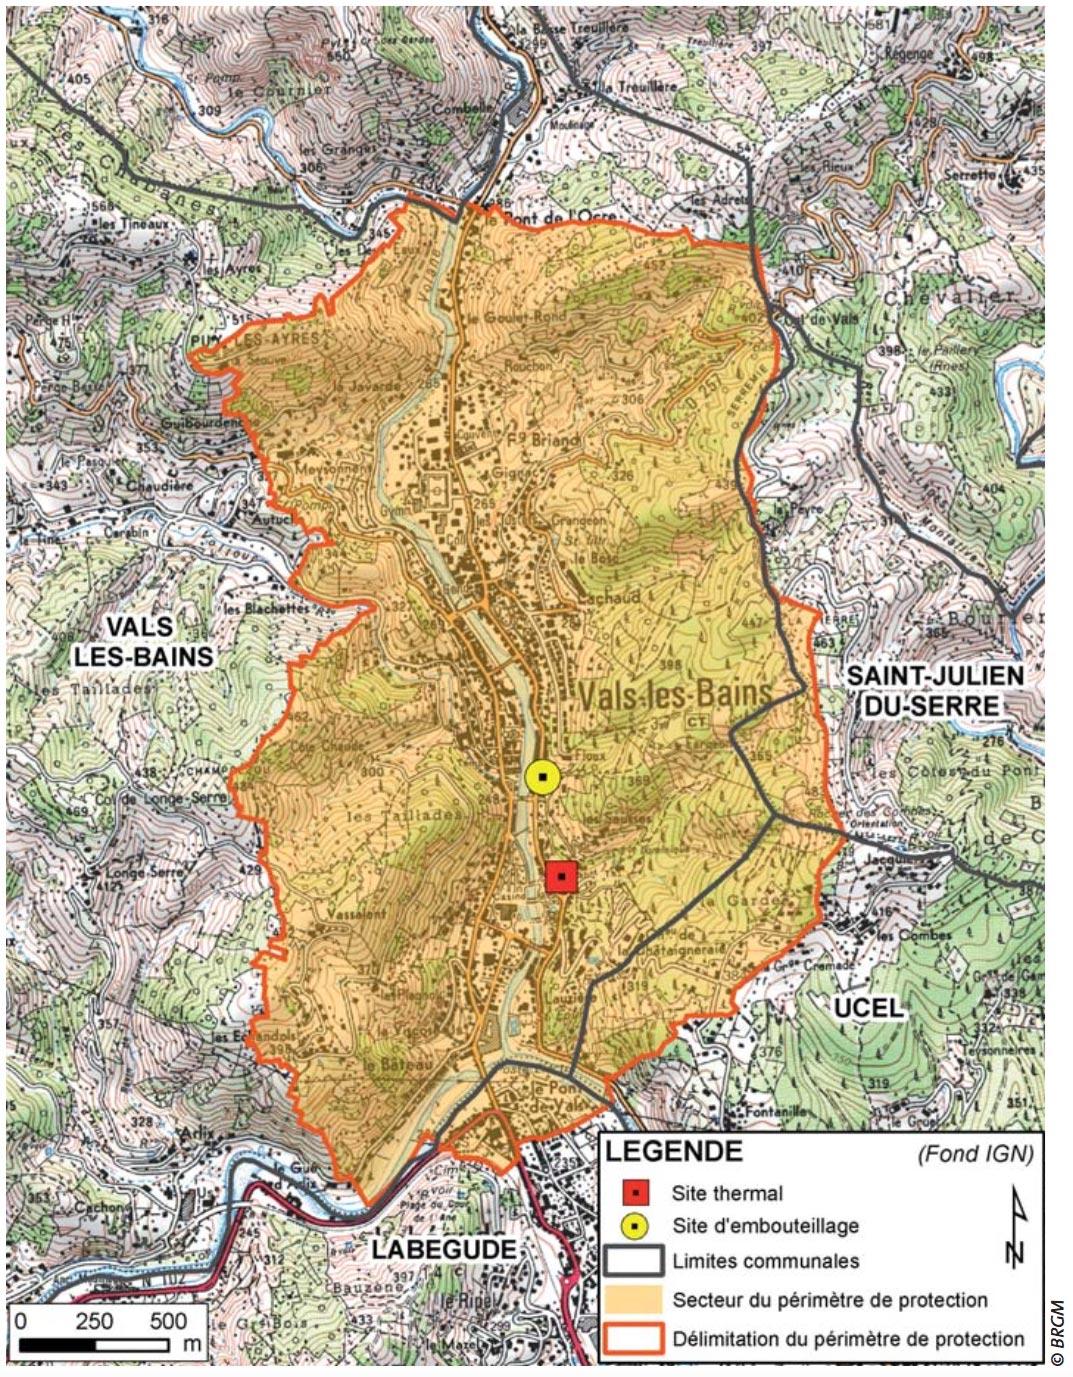 Secteur du périmètre de protection du gisement d'eau minérale et thermale de Vals-les-Bains